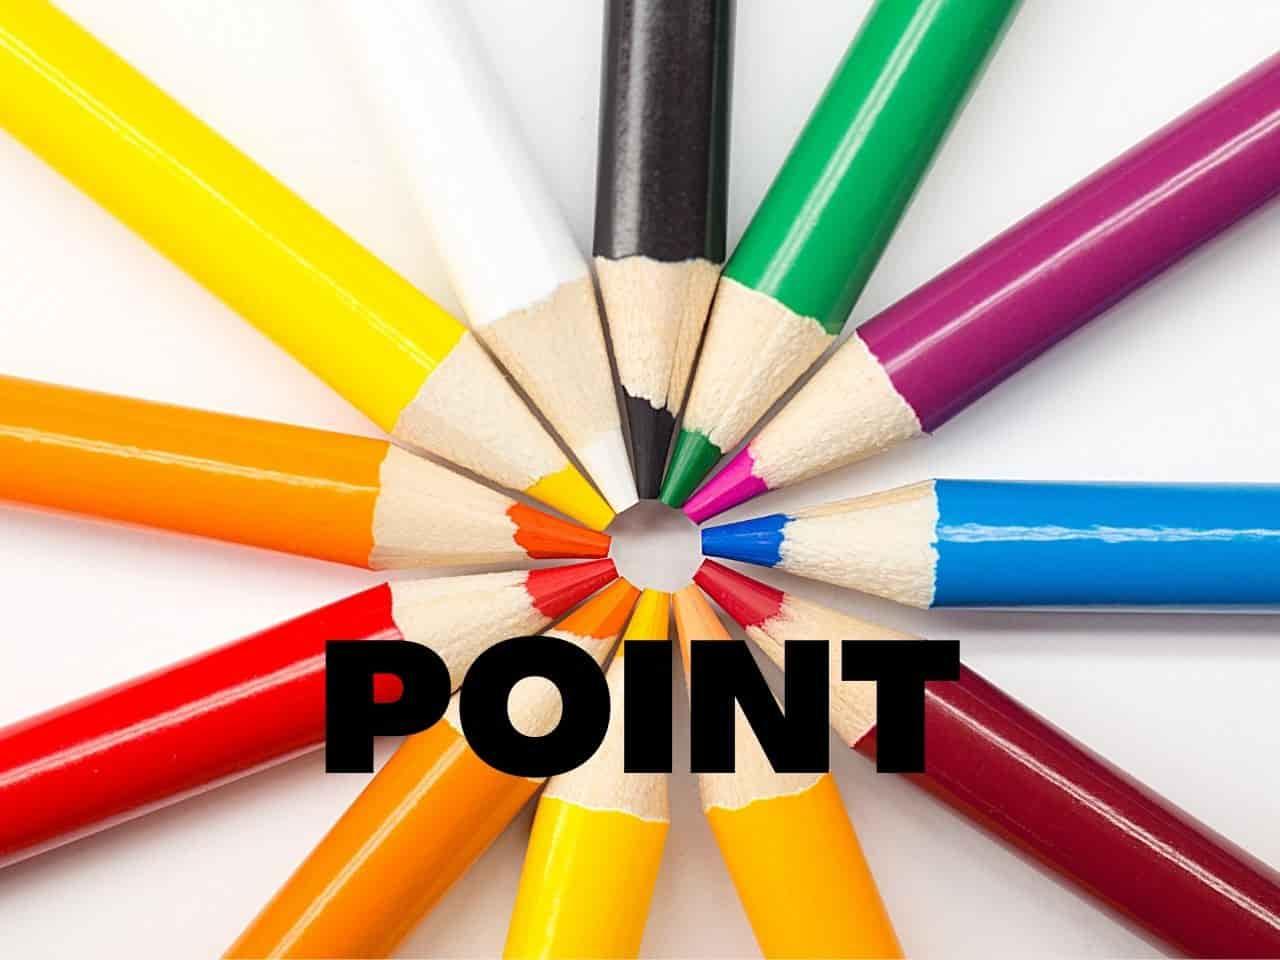 ポイントを示す色鉛筆